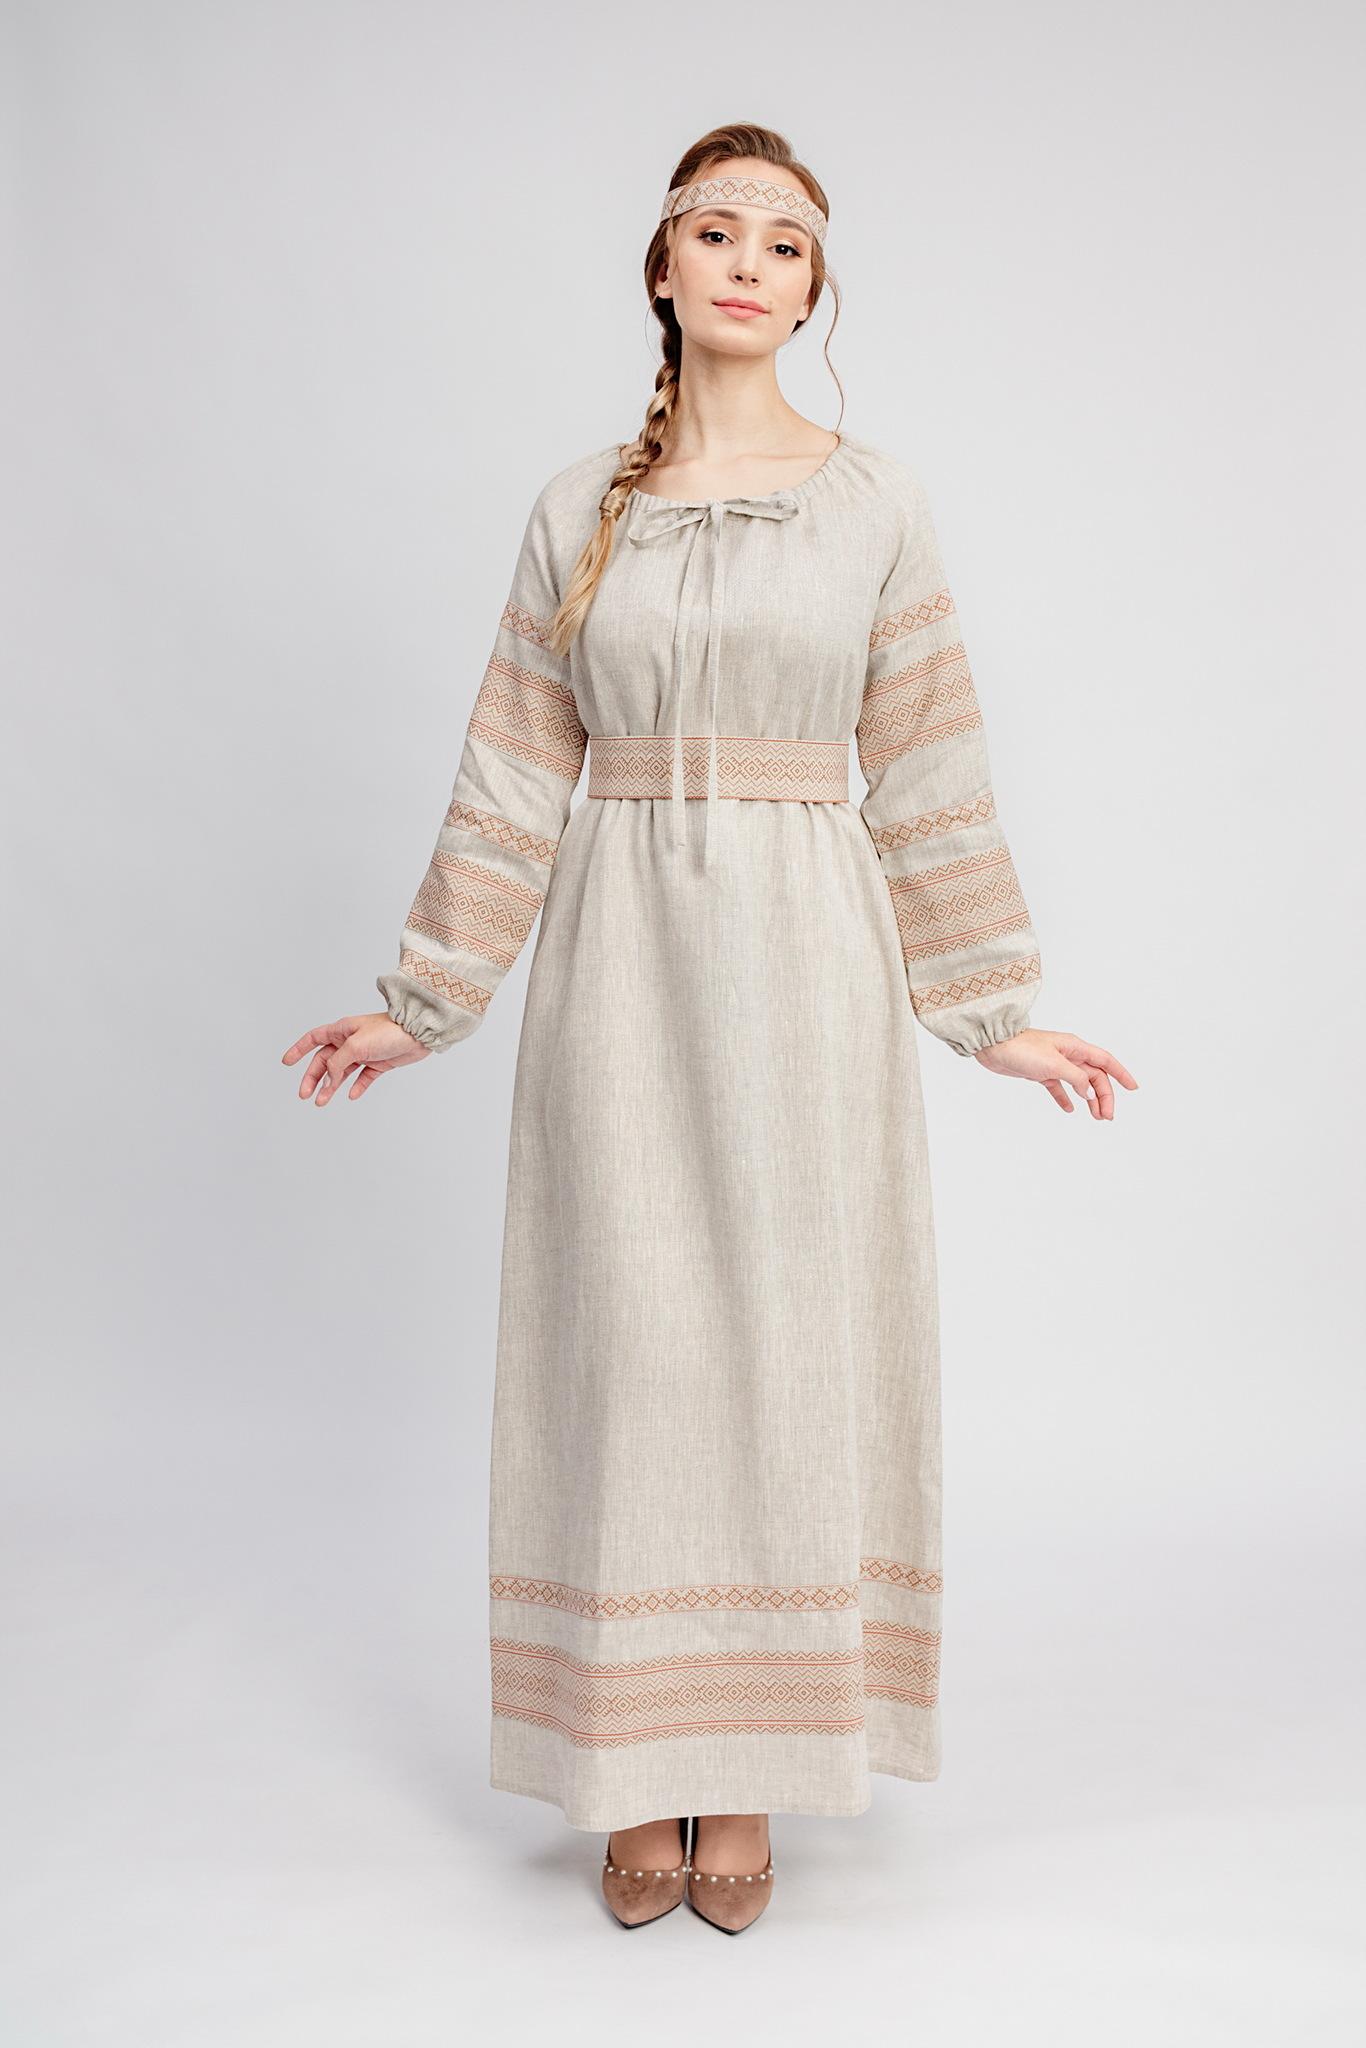 Славянское платье на праздник Лада